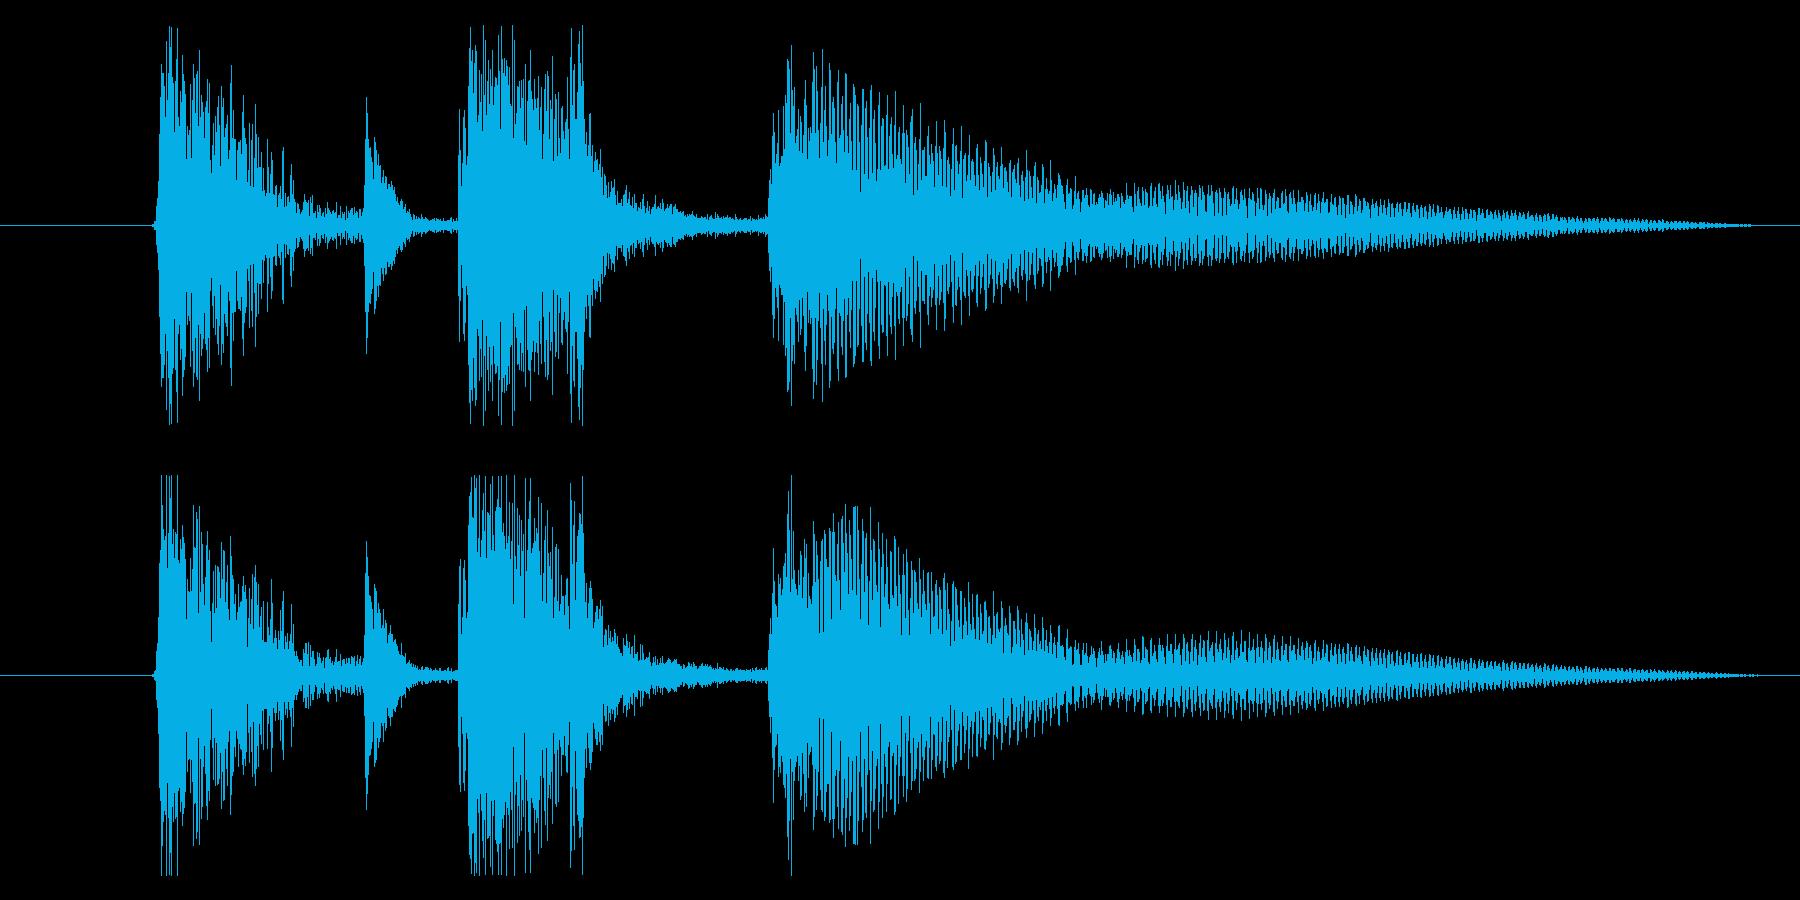 アコギとマリンバの爽やかジングル 1の再生済みの波形